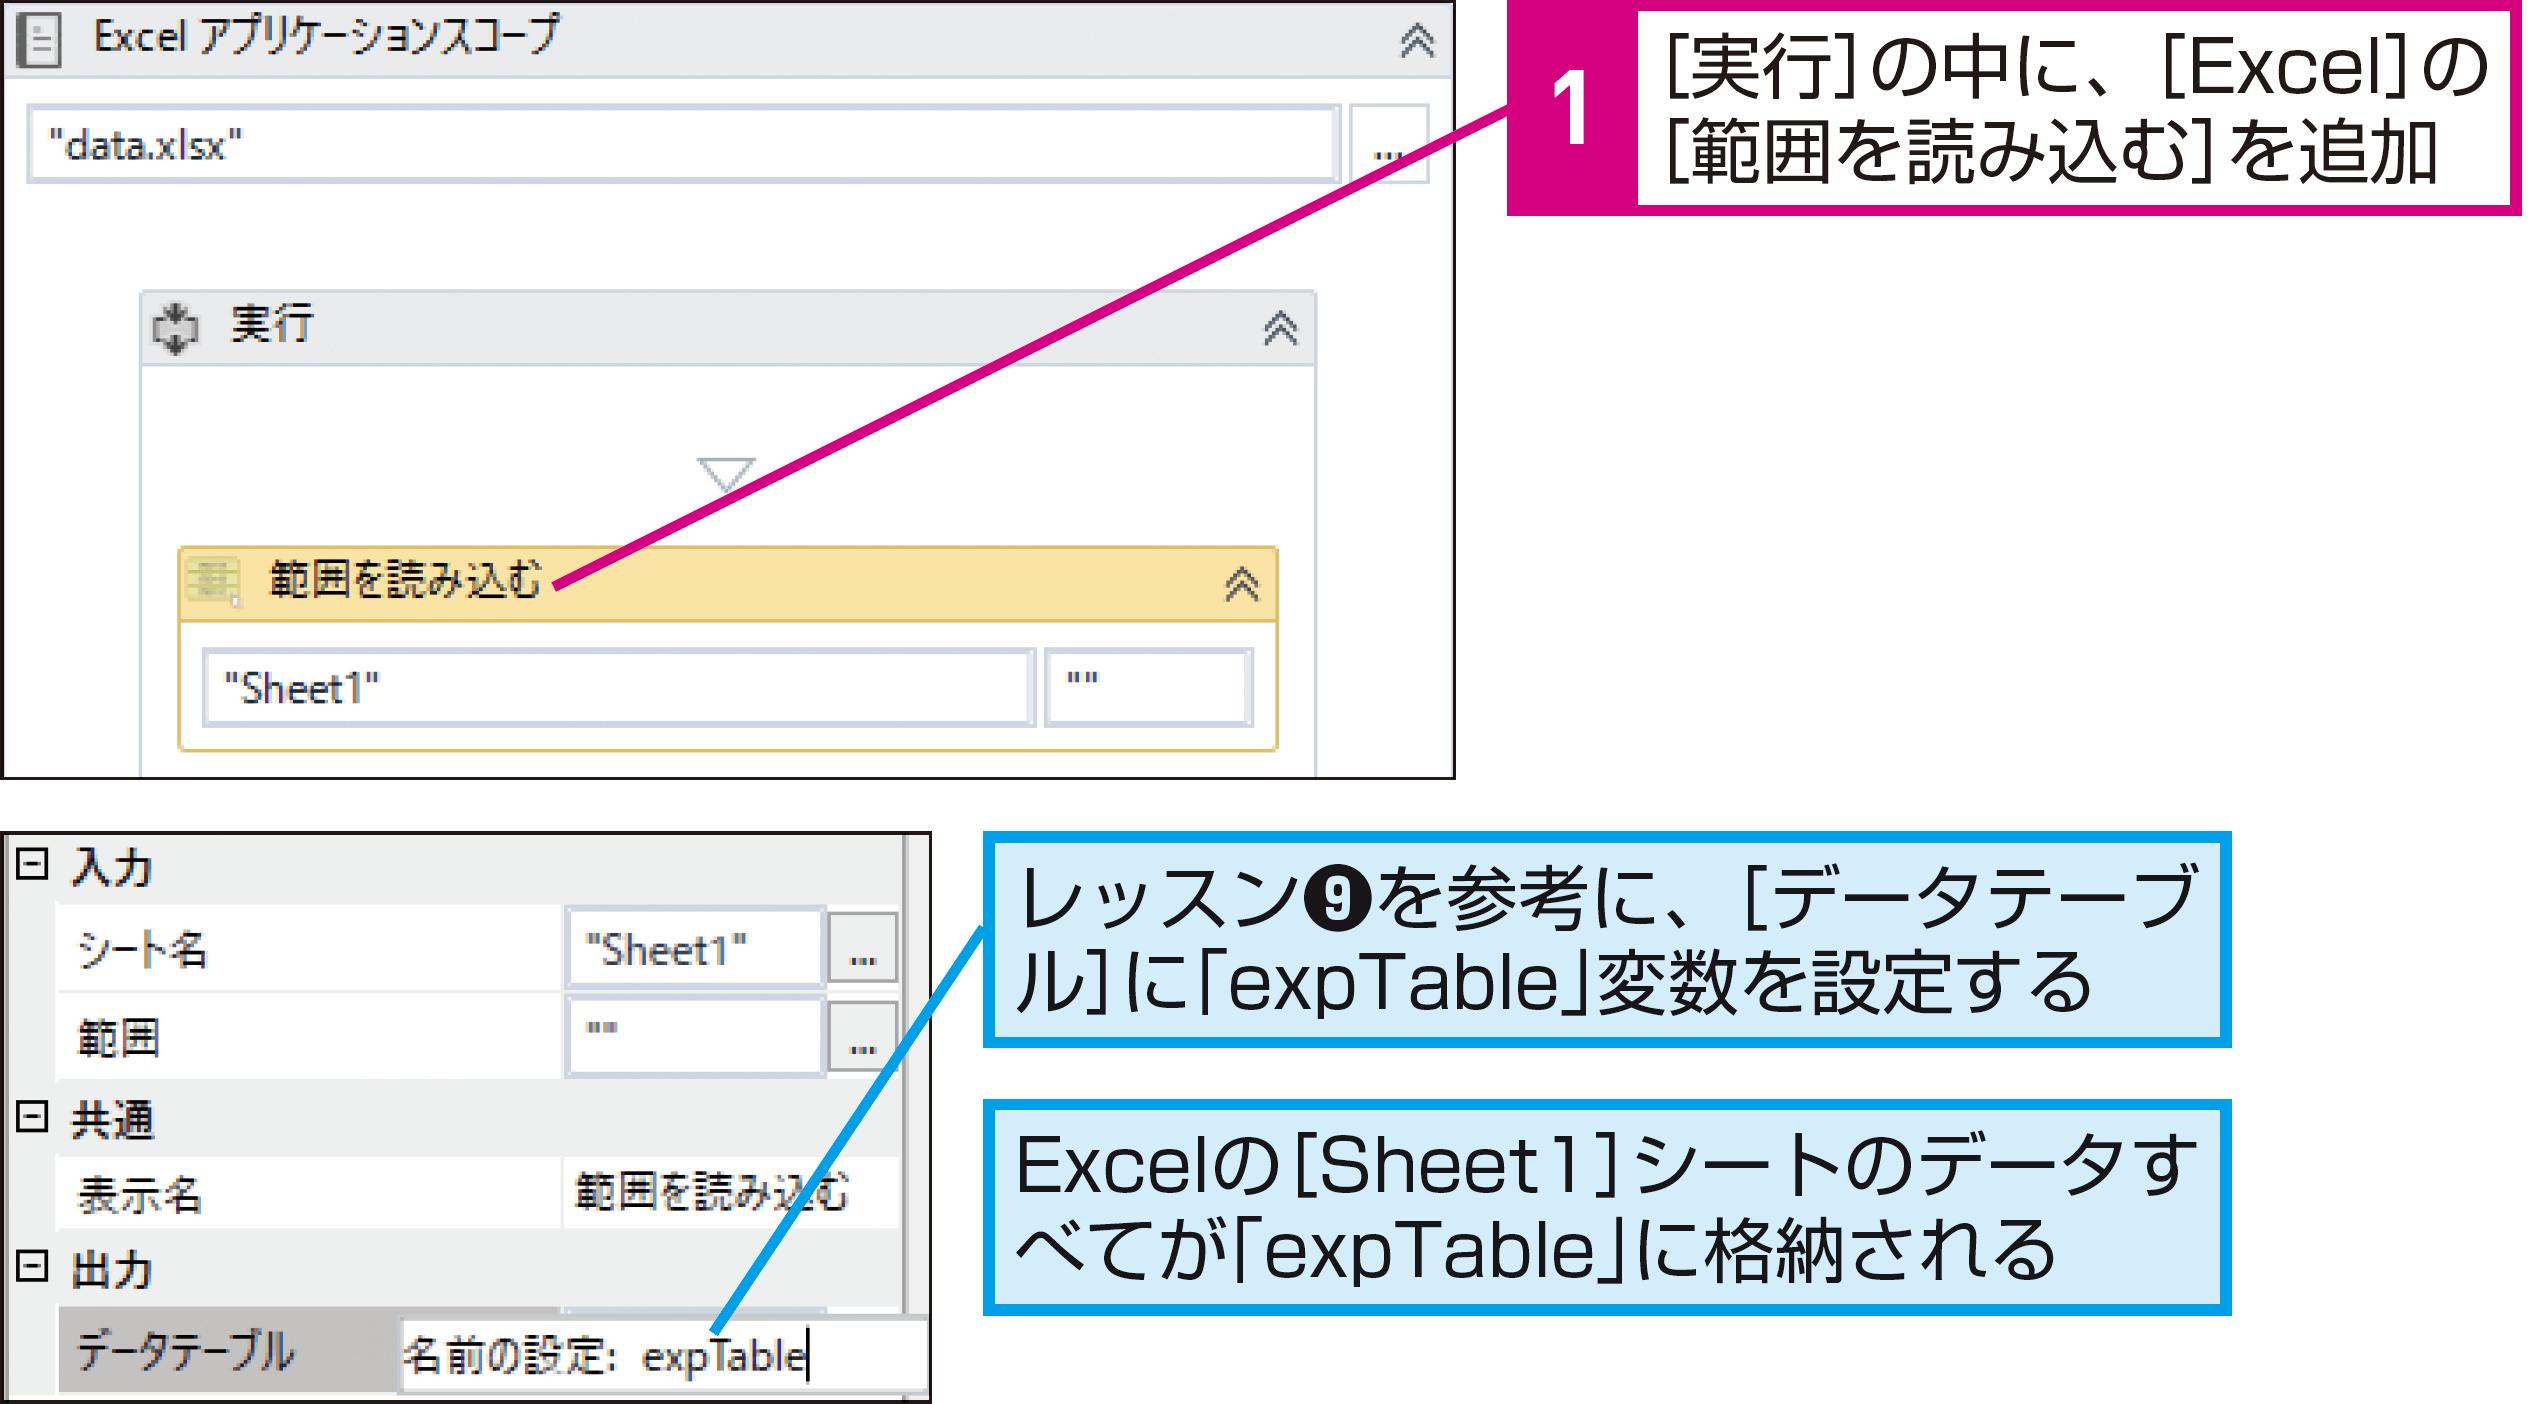 Excelからデータを取得するには(Excelデータの読み込み) - できるUiPath